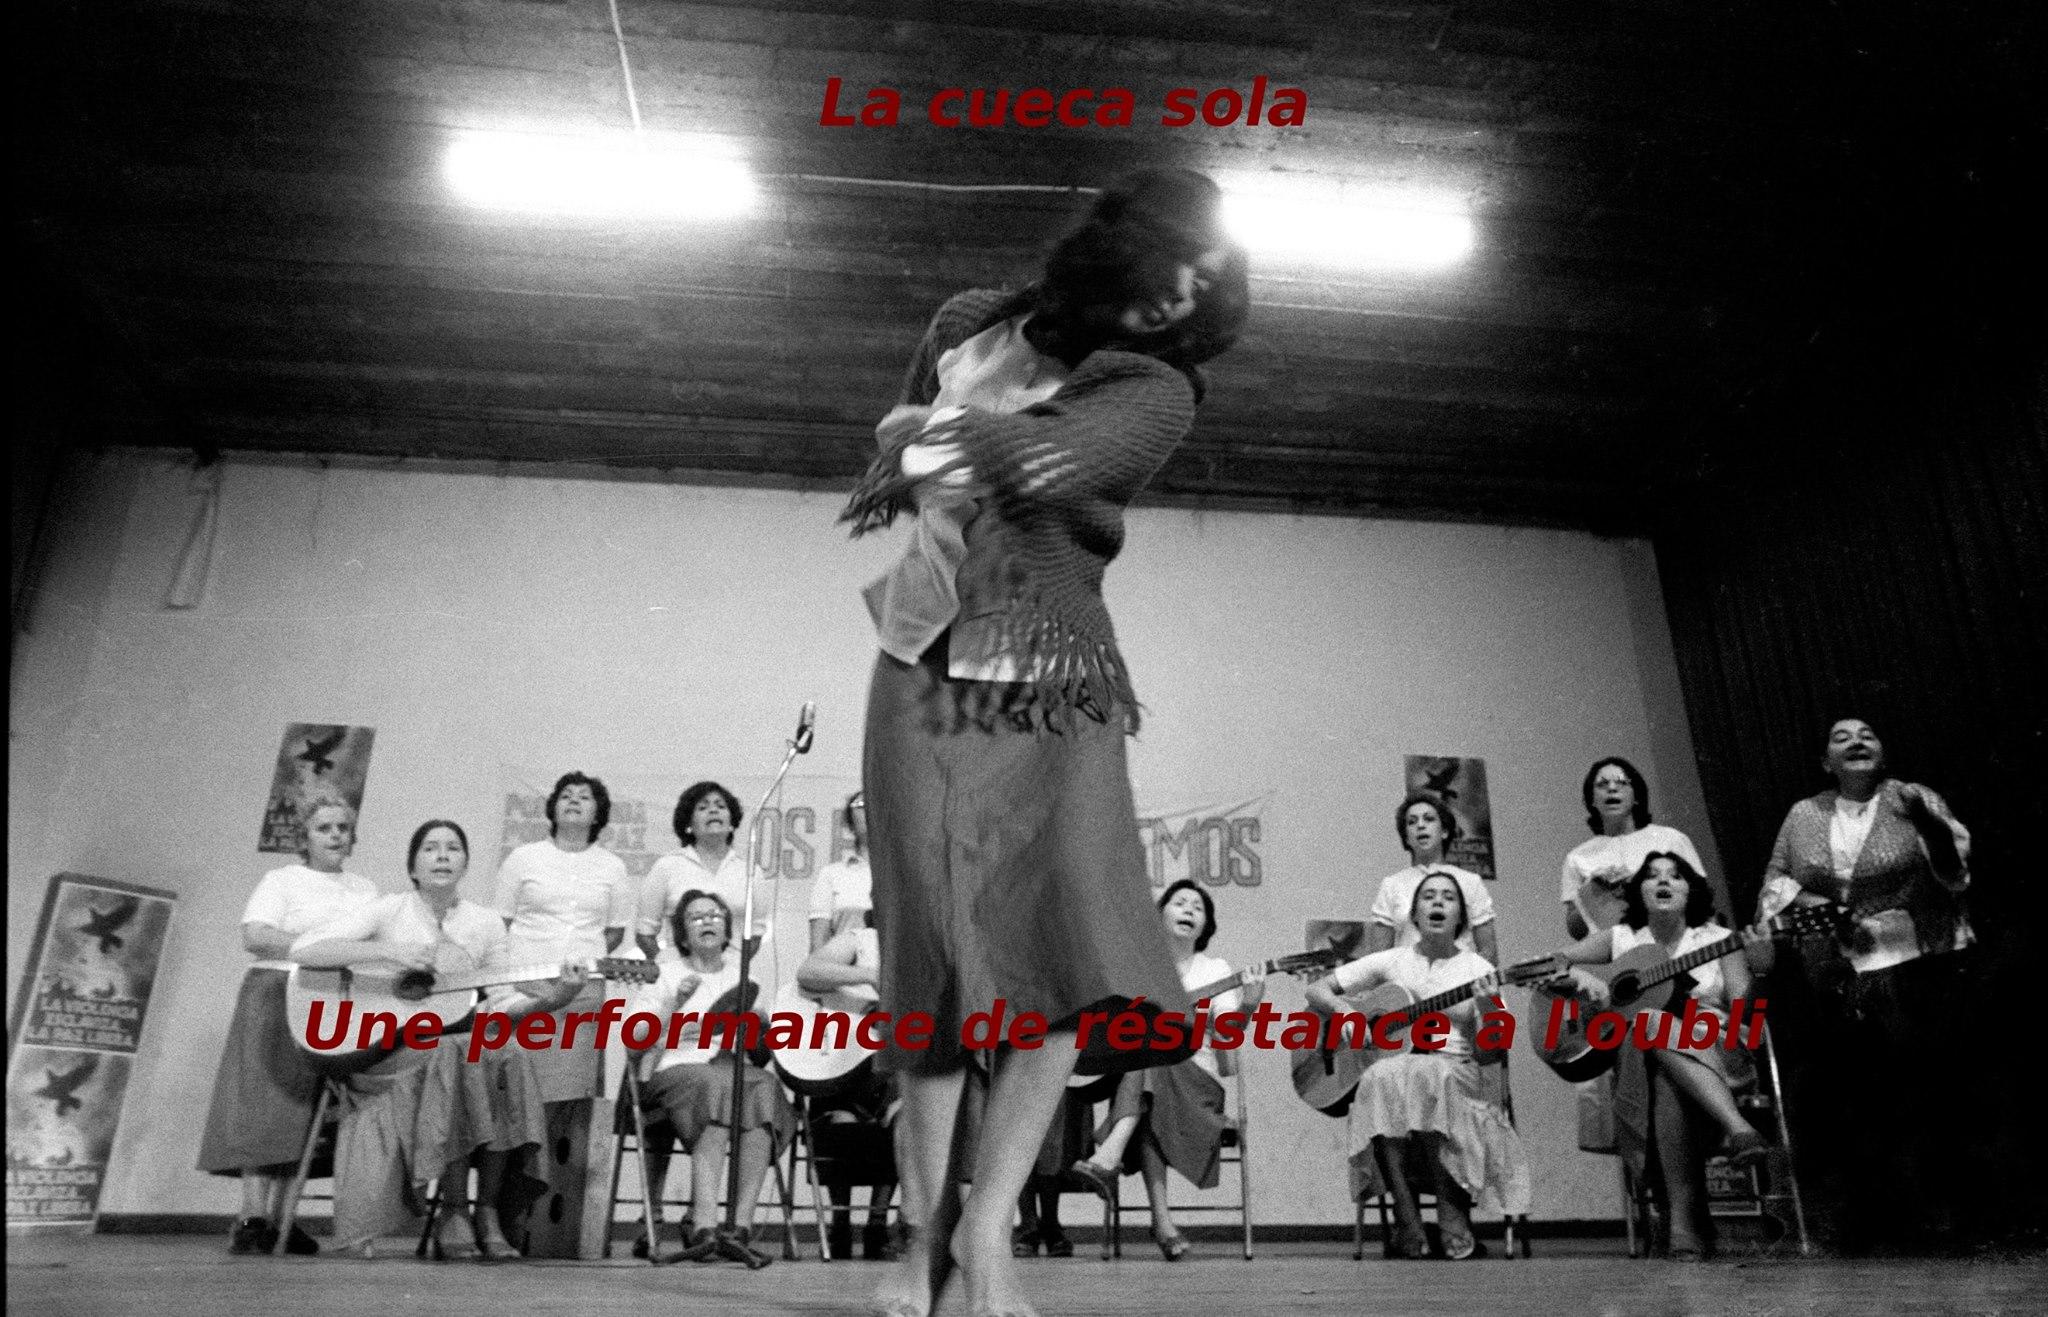 Mardi 13 – 20:00h à 22:00h – La Cueca Sola, une performance de résistance à l'oubli